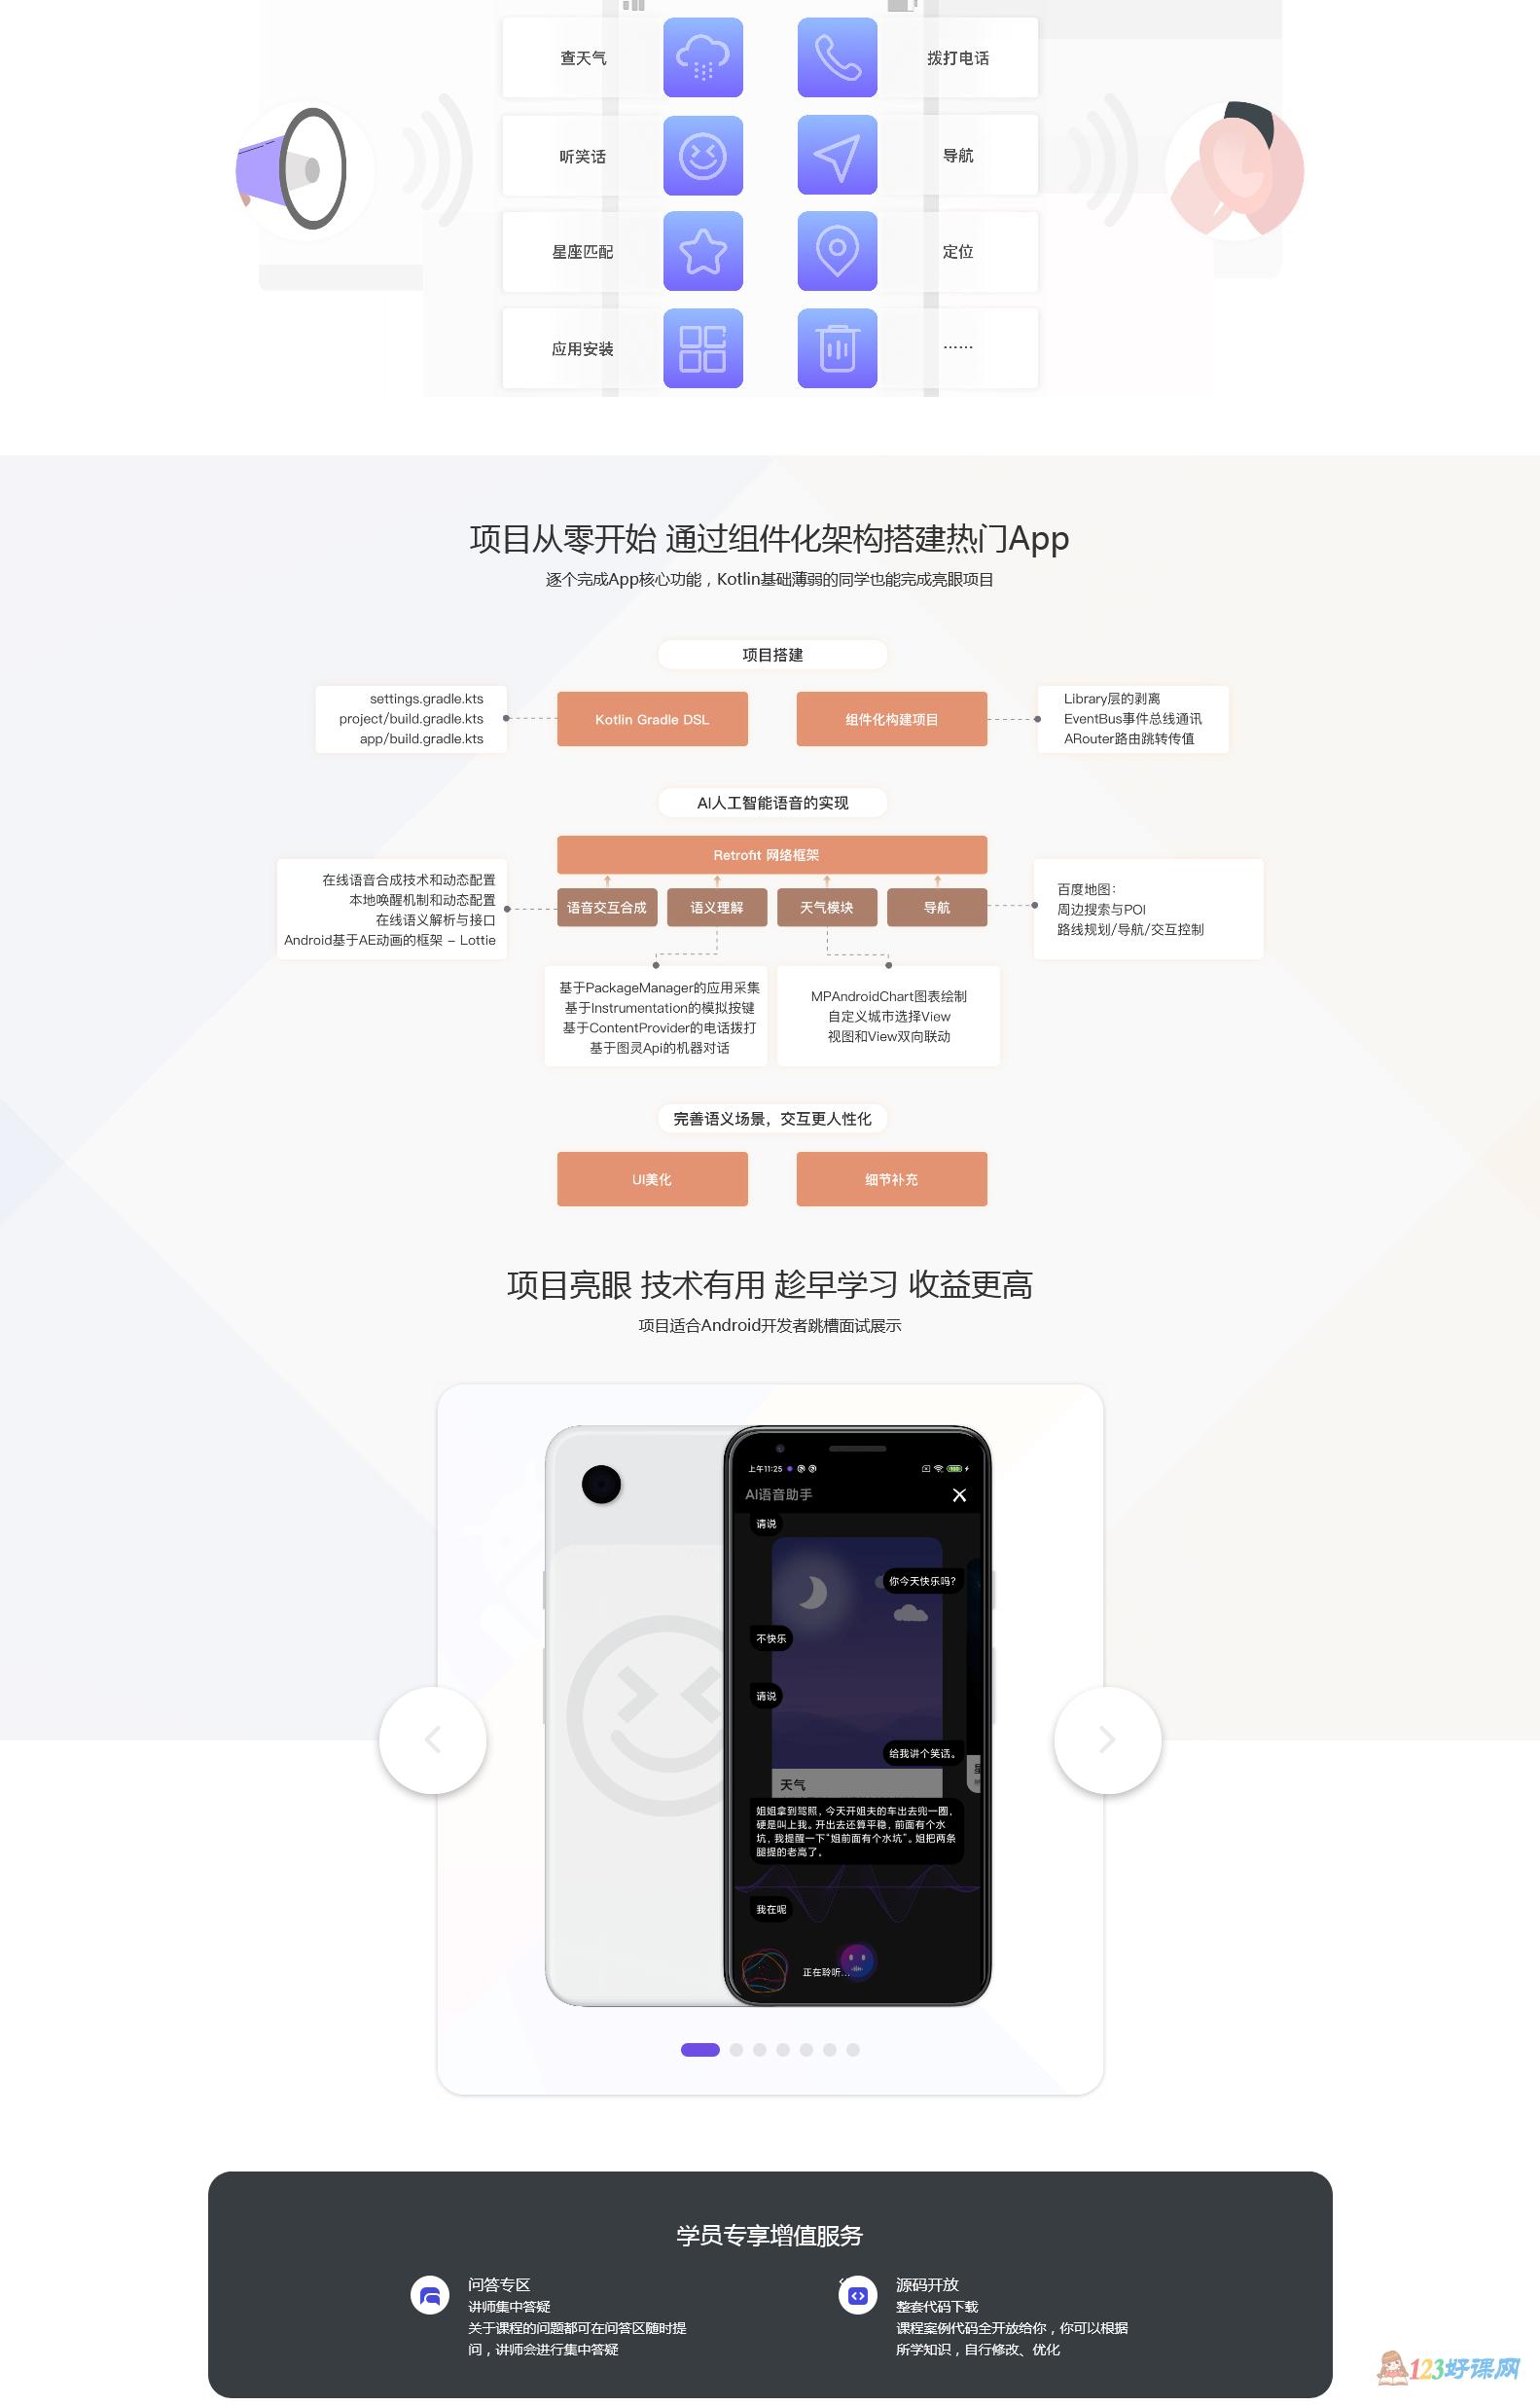 Kotlin+组件化 打造自己的AI语音助手App 带你解锁语音交互技能包